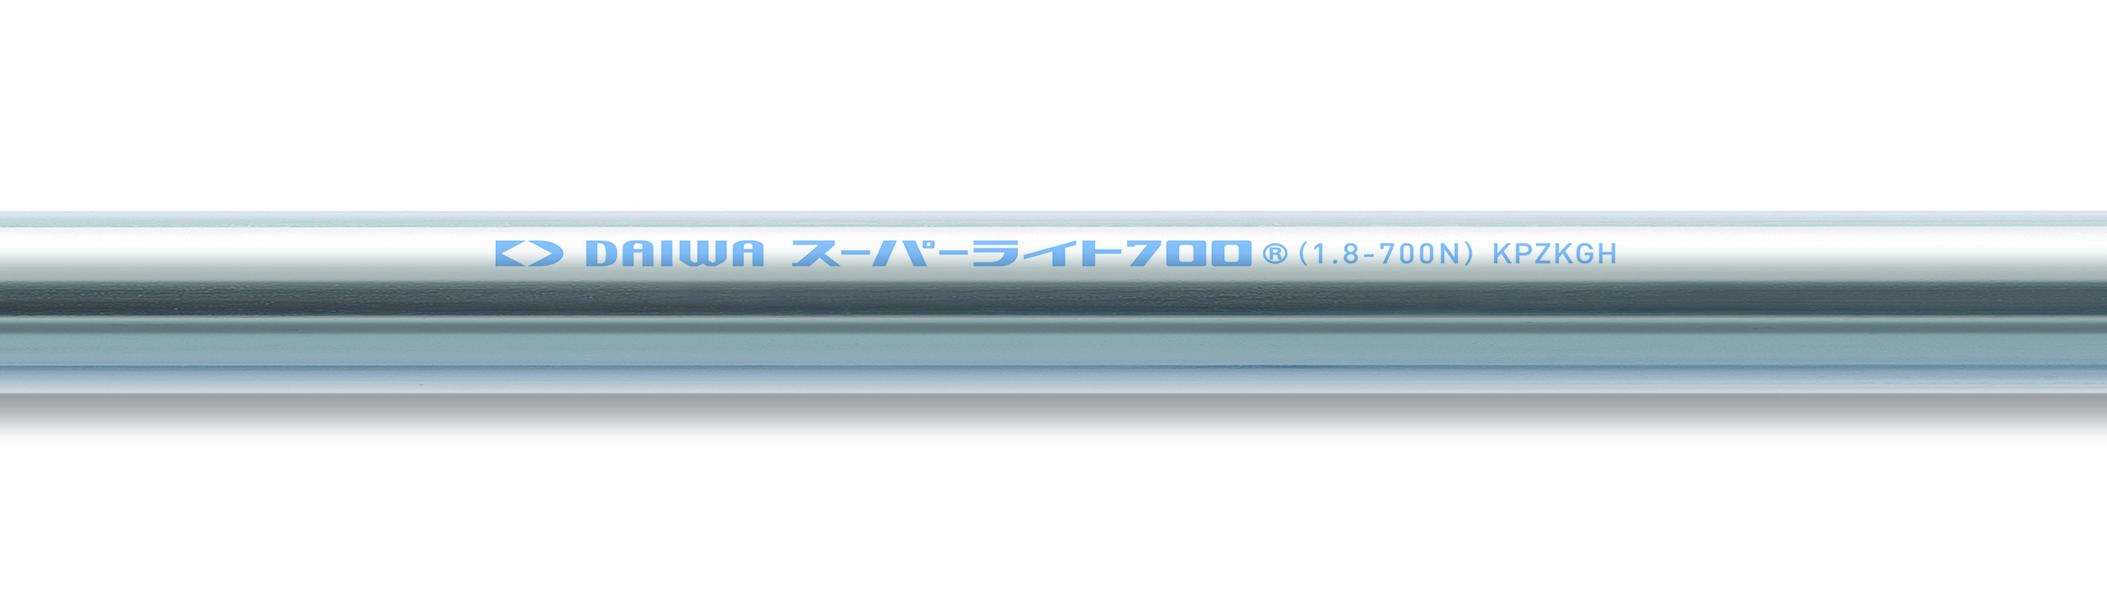 単管パイプはこんなとこにも!!(^_^)v 農業用レールに使われるPZ/PPZのご紹介。